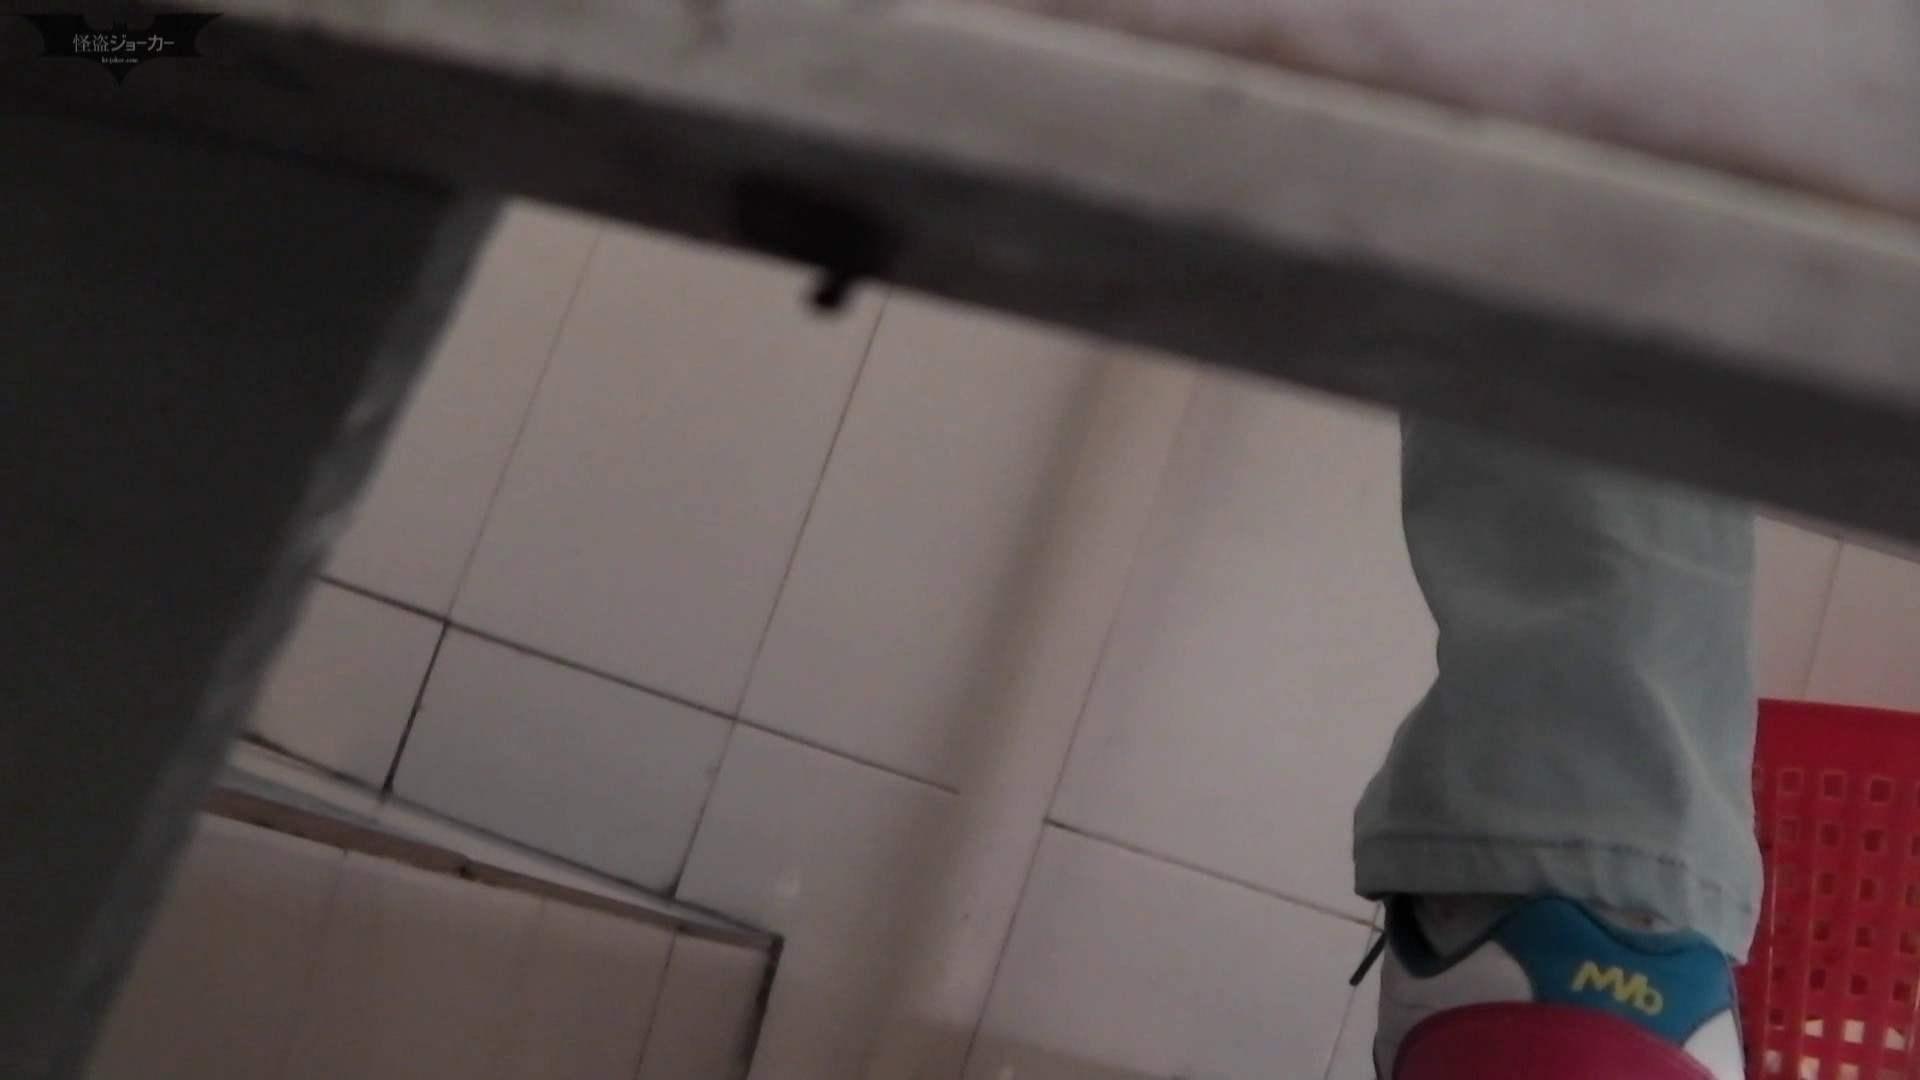 巨乳 乳首:下からノゾム vol.018 スタイルいい子に、ついついて入っちゃった。:怪盗ジョーカー